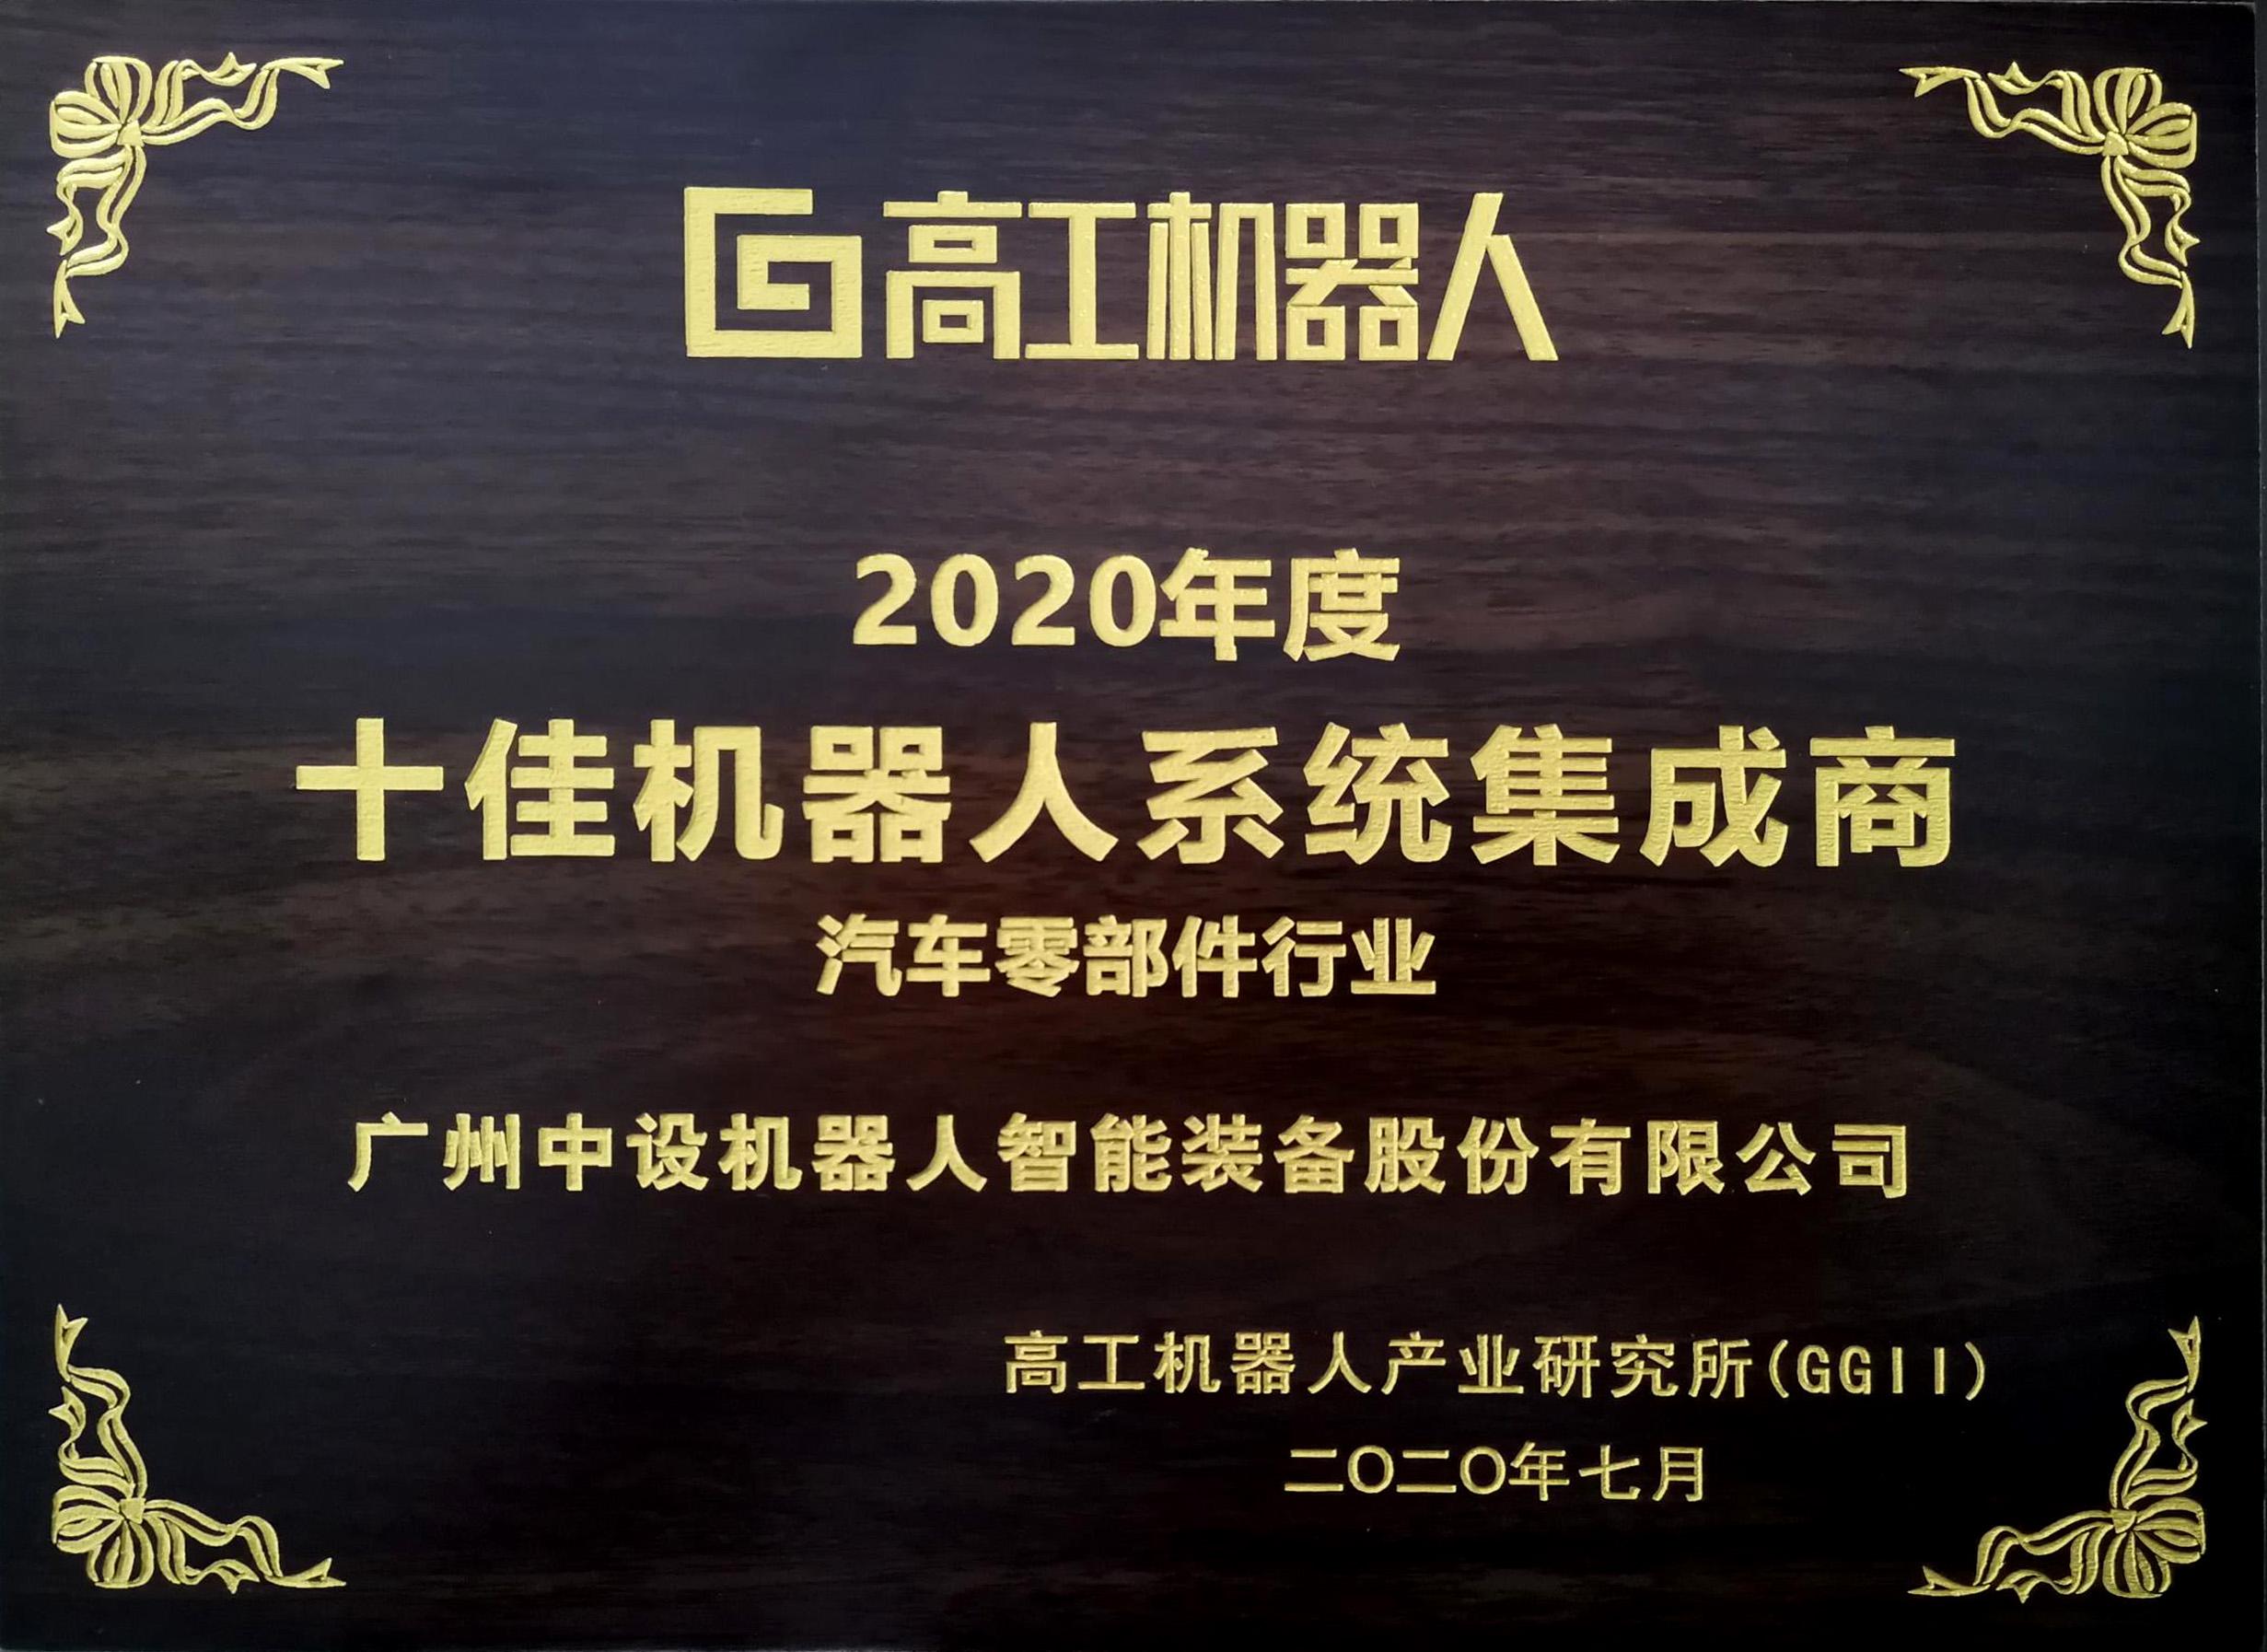 中设获评 【2020年度 十佳机器人系统集成商】